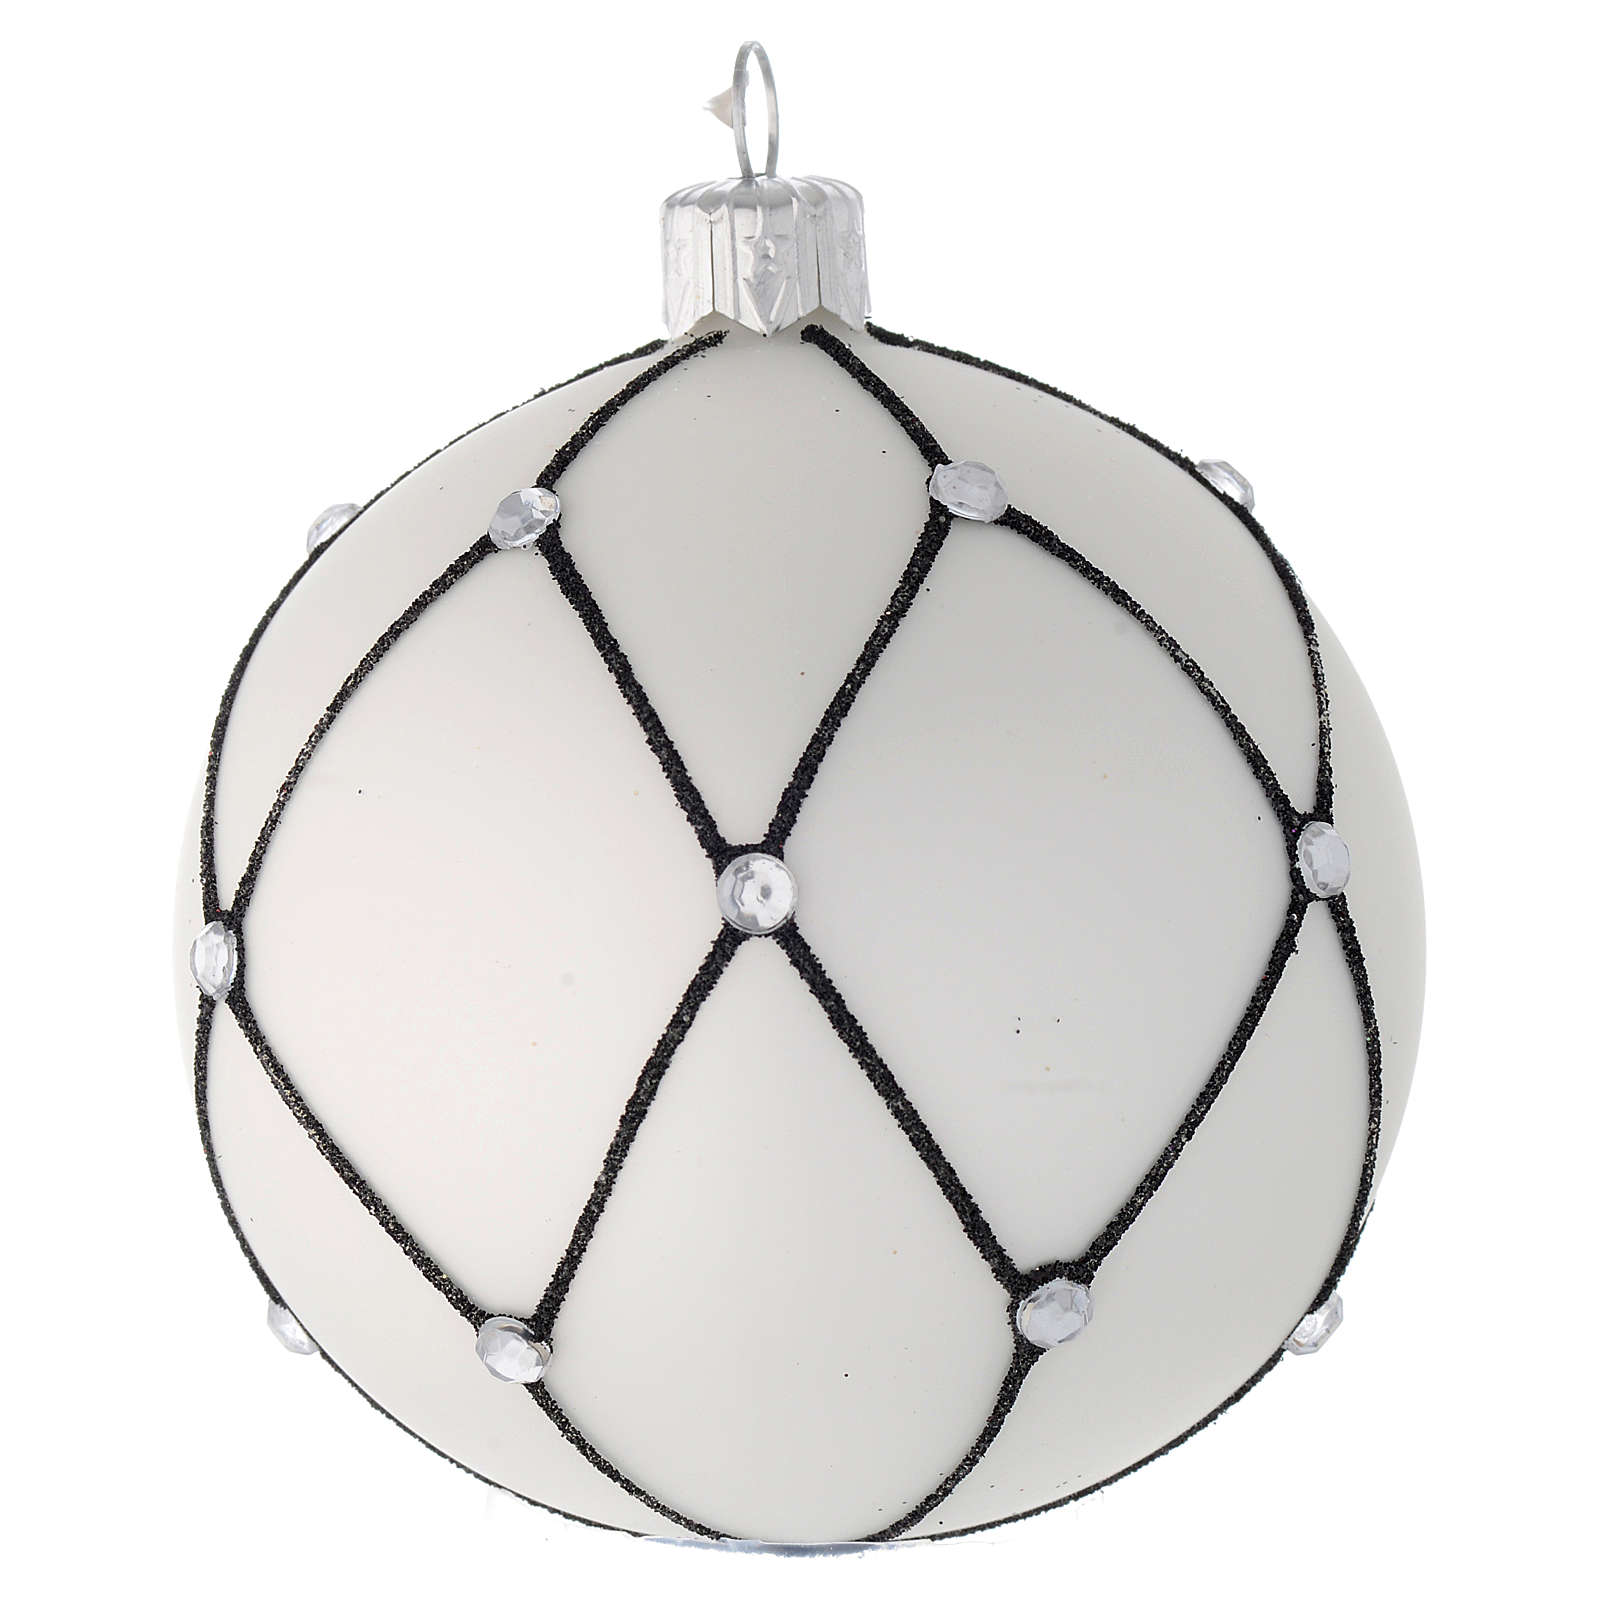 Addobbo palla vetro bianco decoro nero 80 mm 4